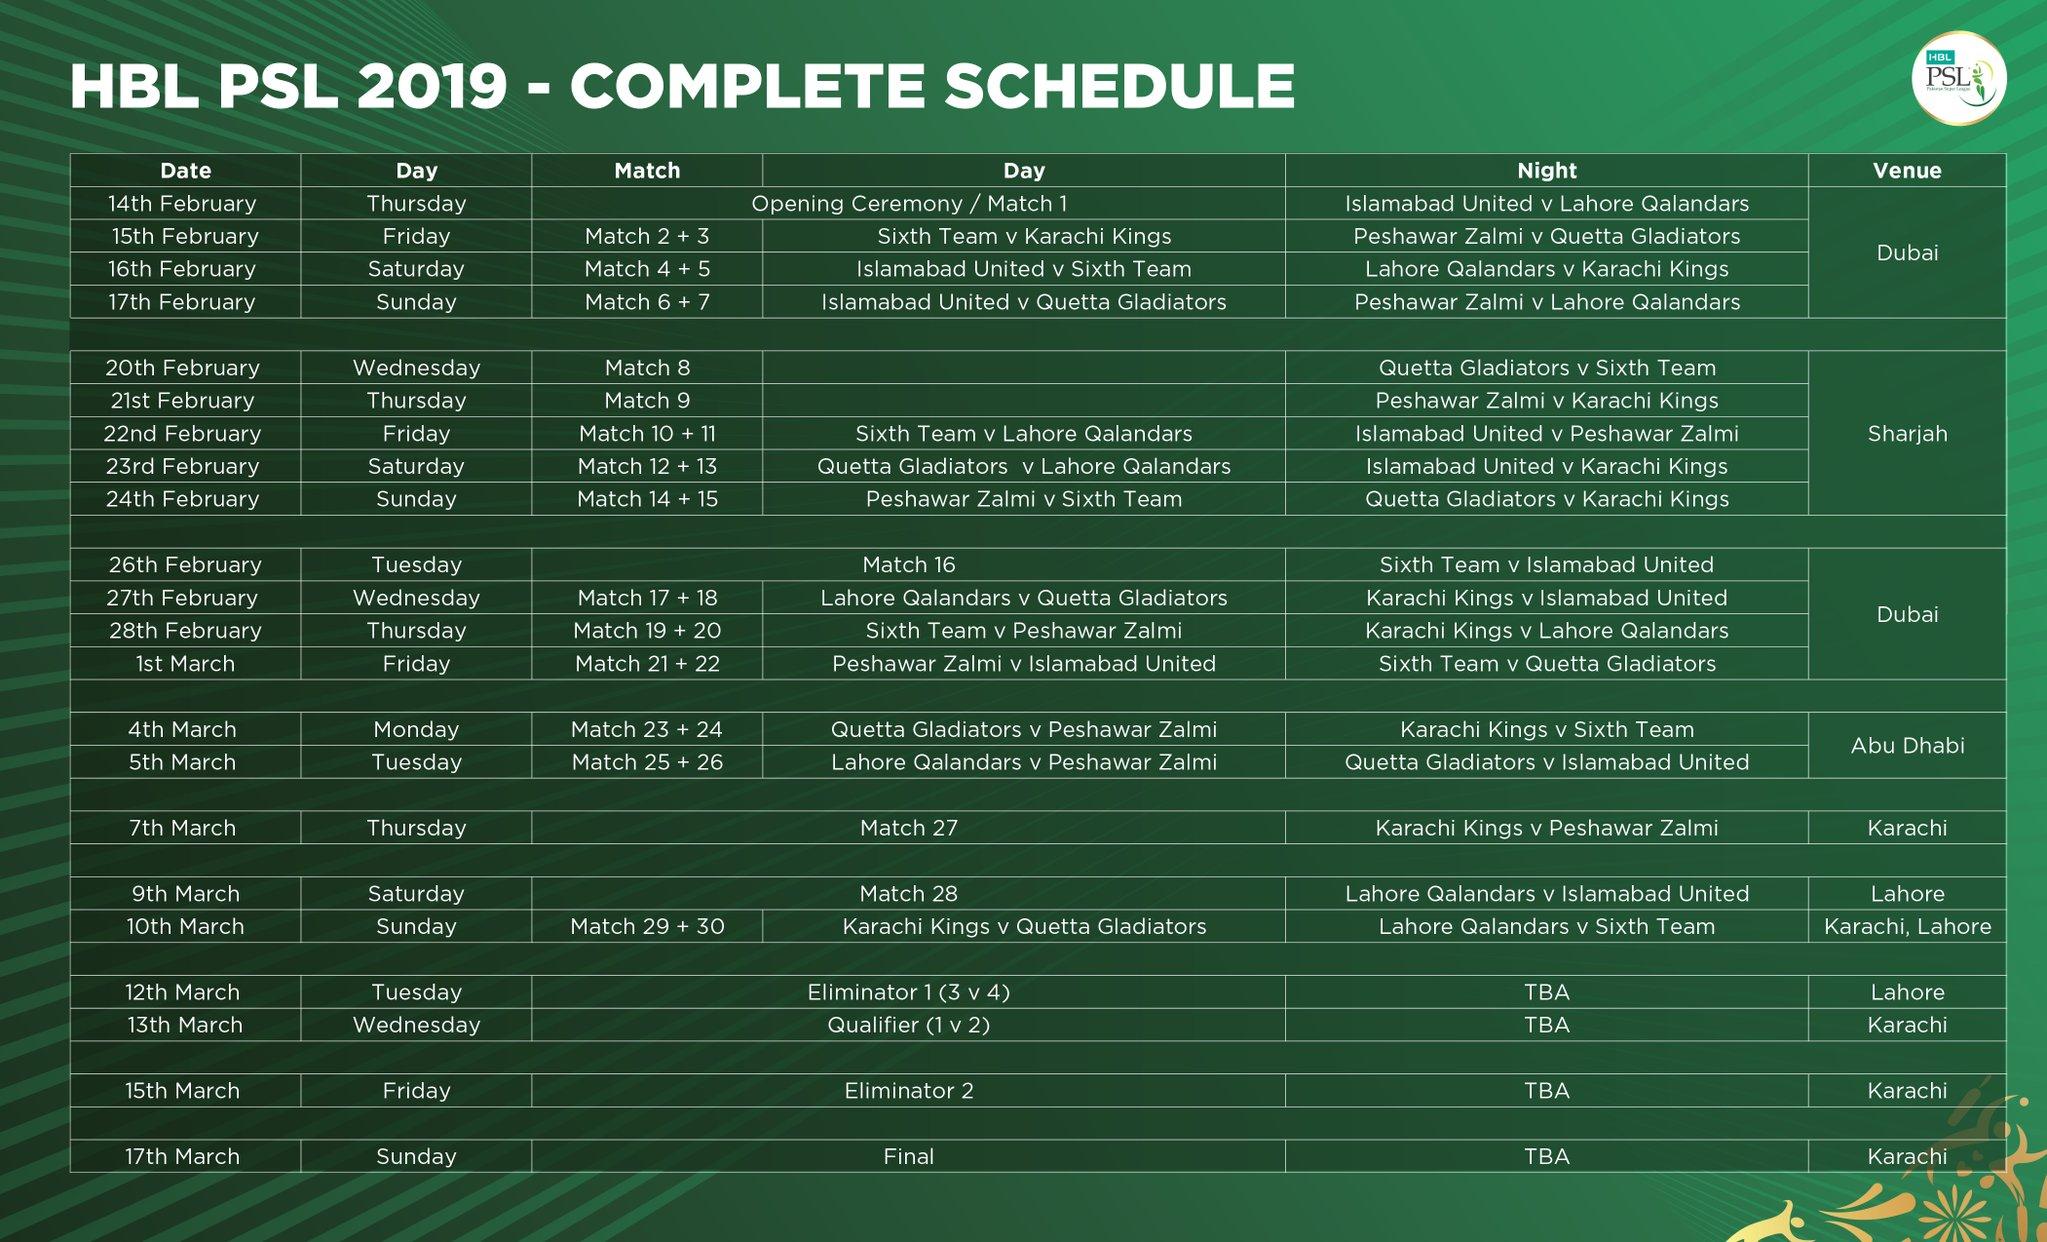 HBL PSL 2019 Schedule